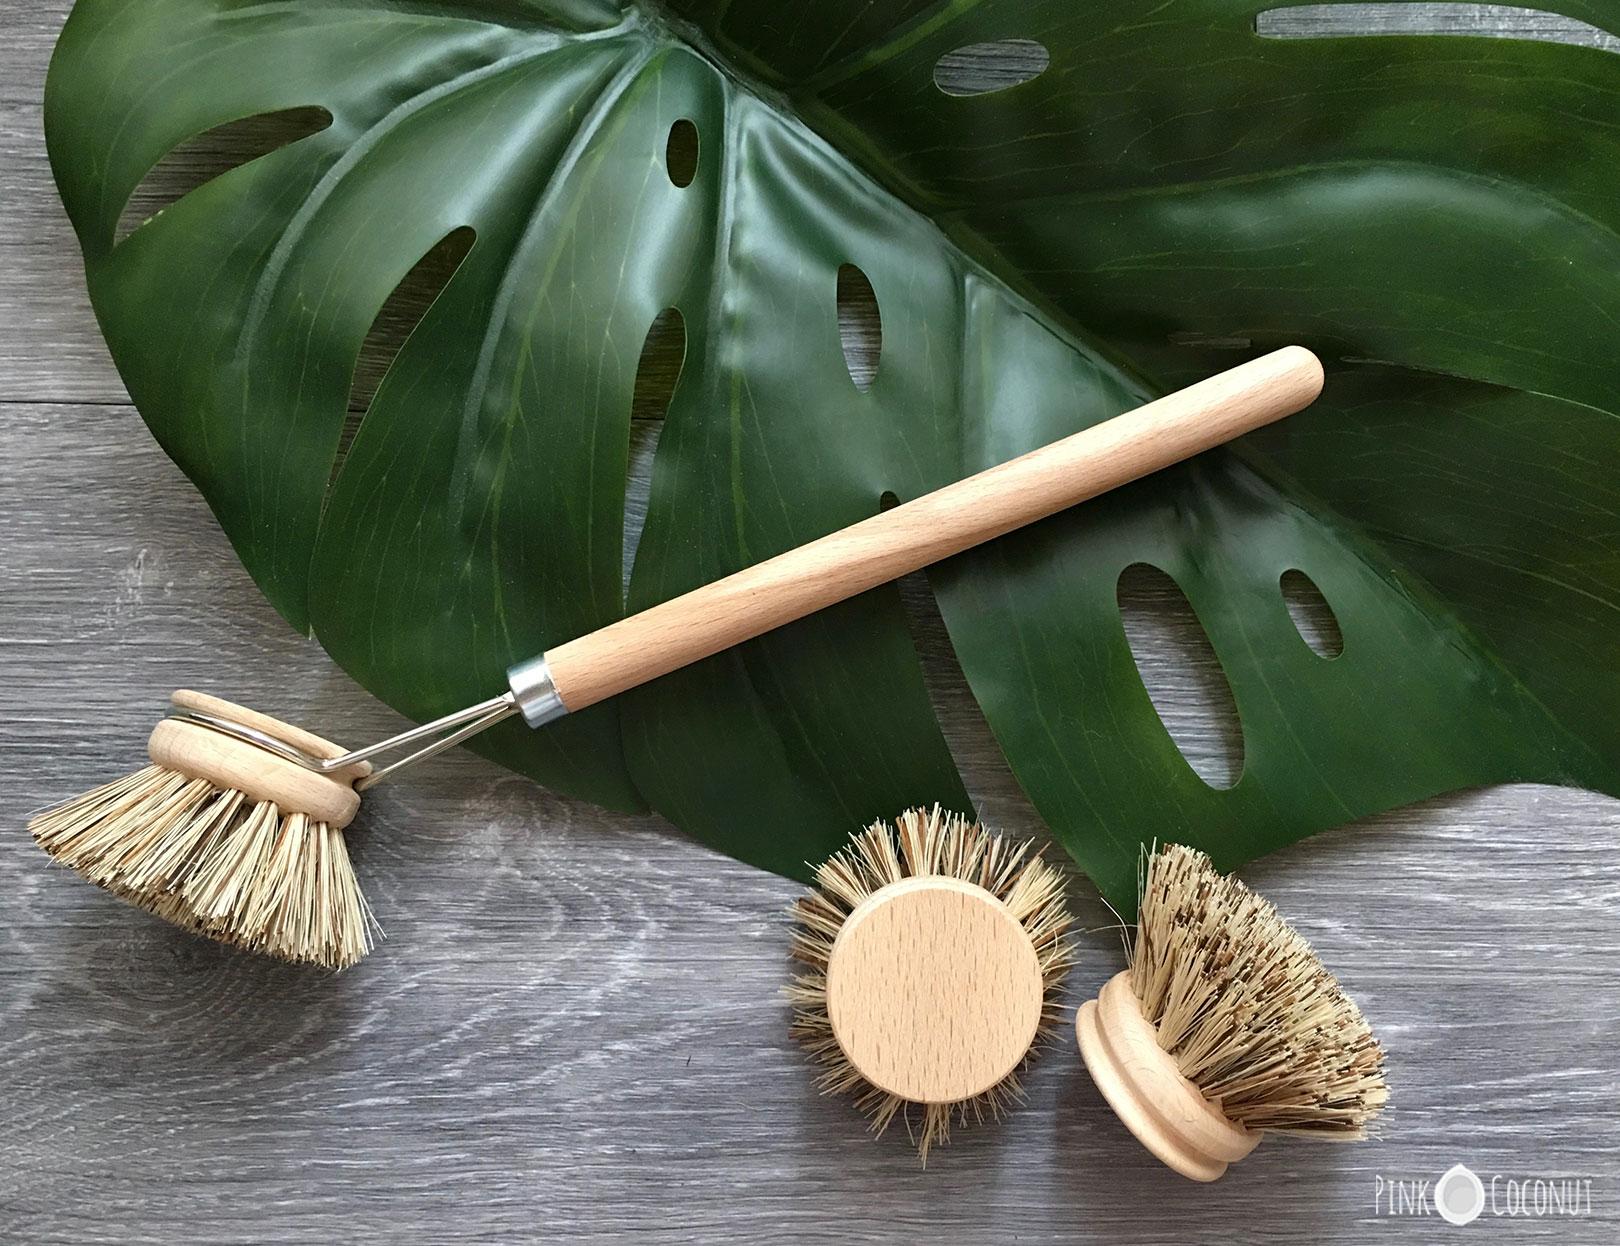 Image d'une brosse en bois à tête interchangealble pour faire la vaisselle ou laver l'evier de la cuisine